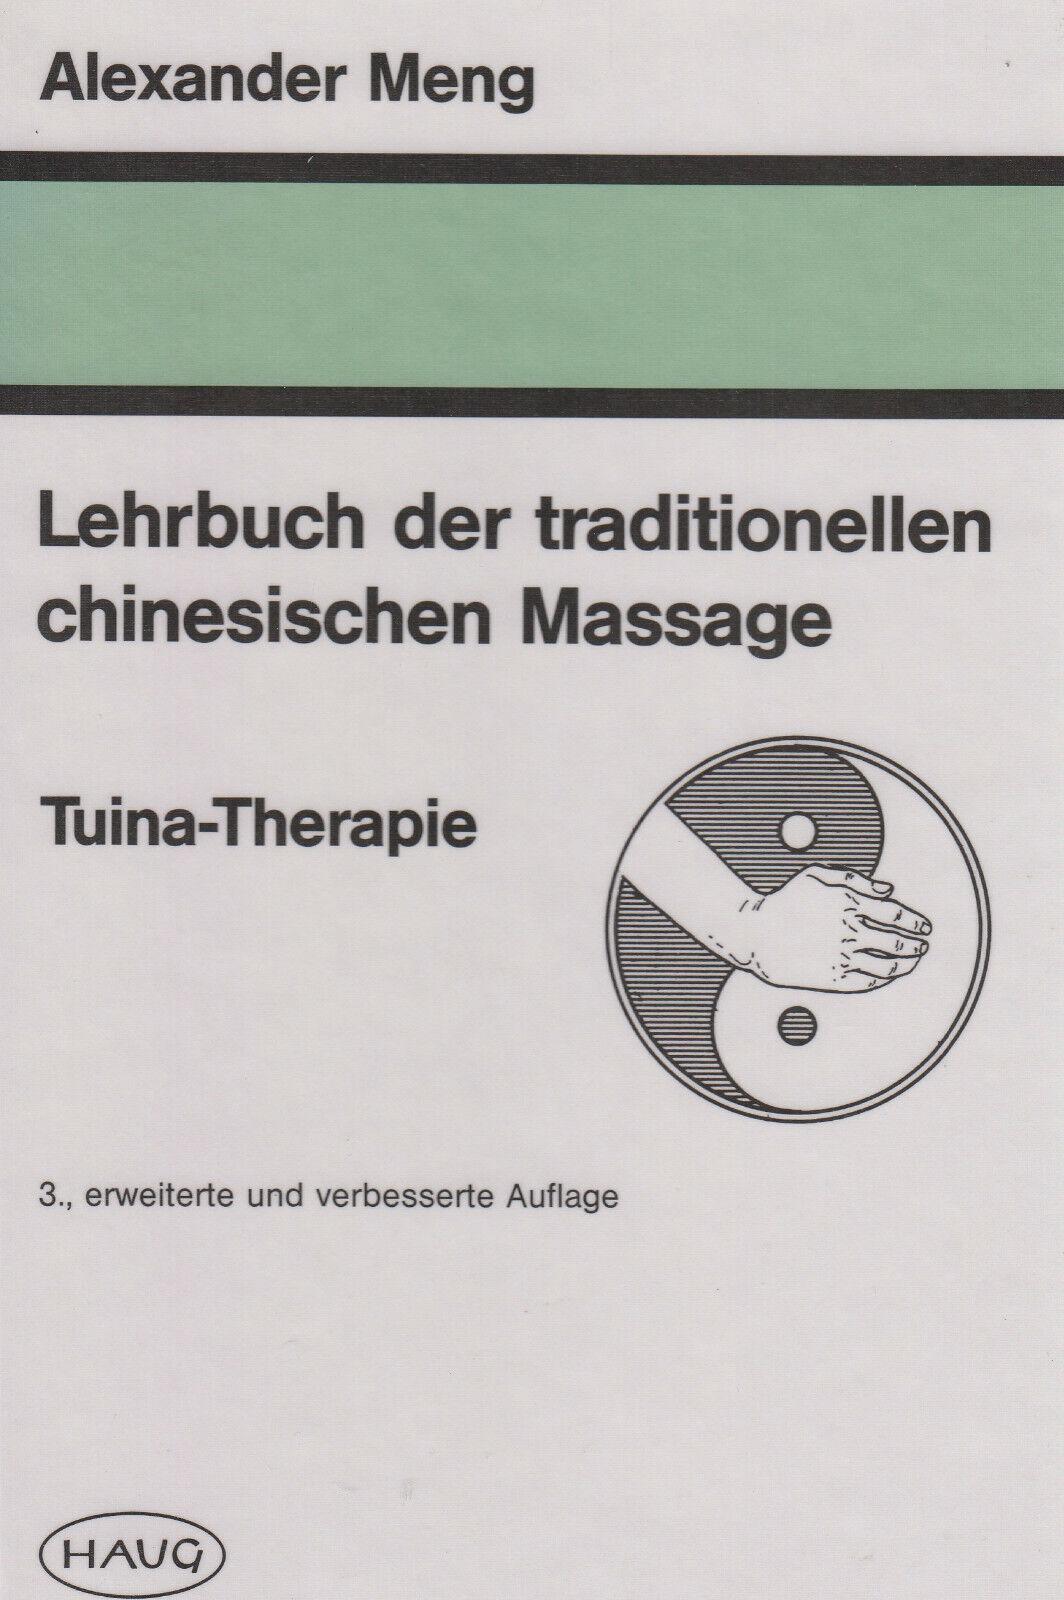 Lehrbuch der traditionellen chinesischen Massage Tuina-Therapie Alexander Meng - Alexander Meng